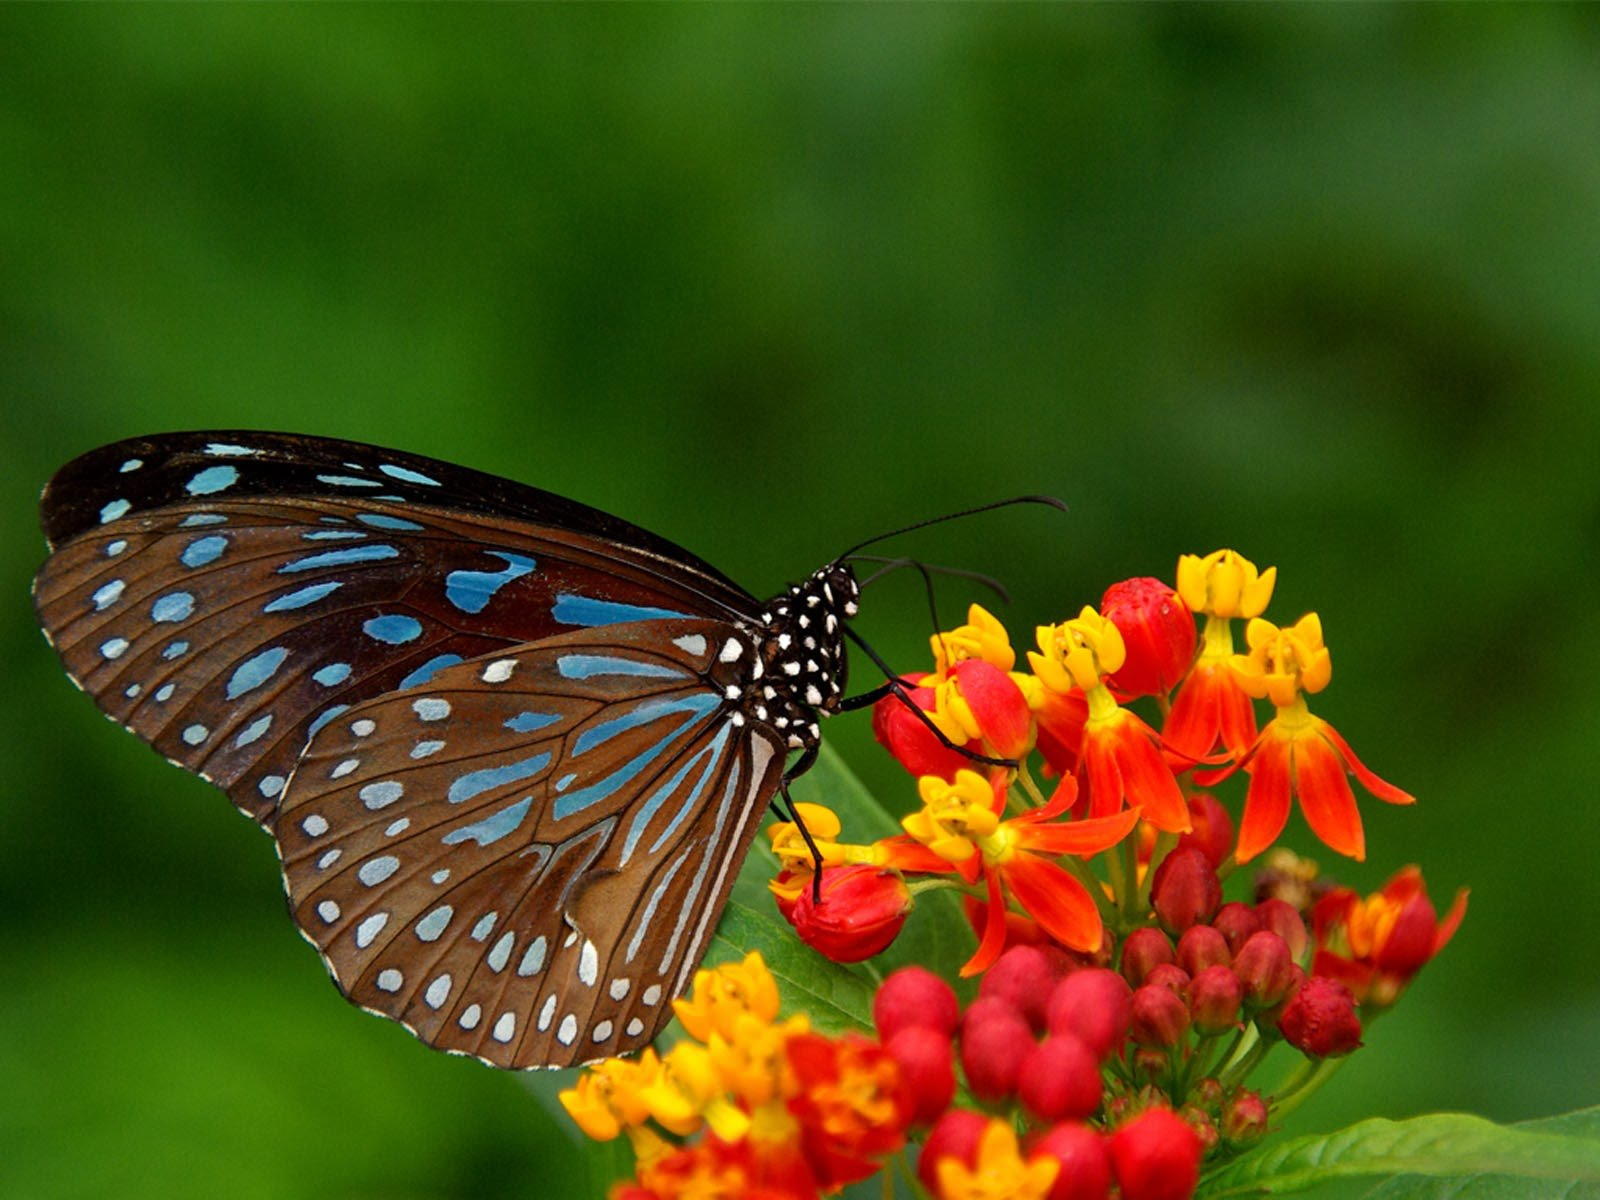 Butterfly Backgrounds Butterfly DesktopBackgrounds Butterfly 1600x1200